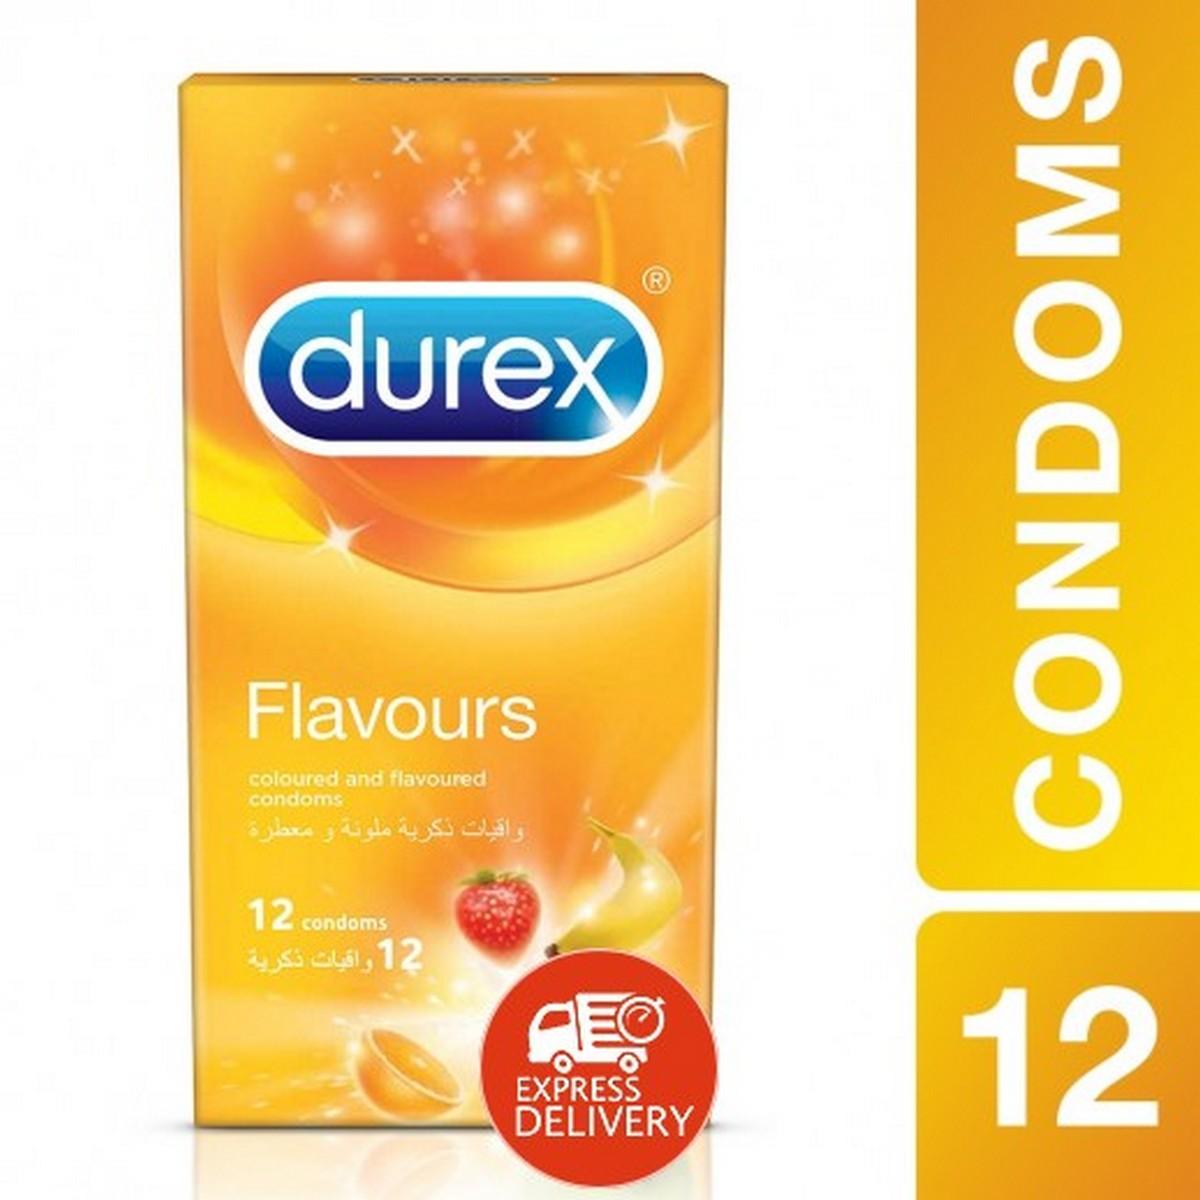 Durex Select Flavours 12 Condoms - Condoms of different flavours